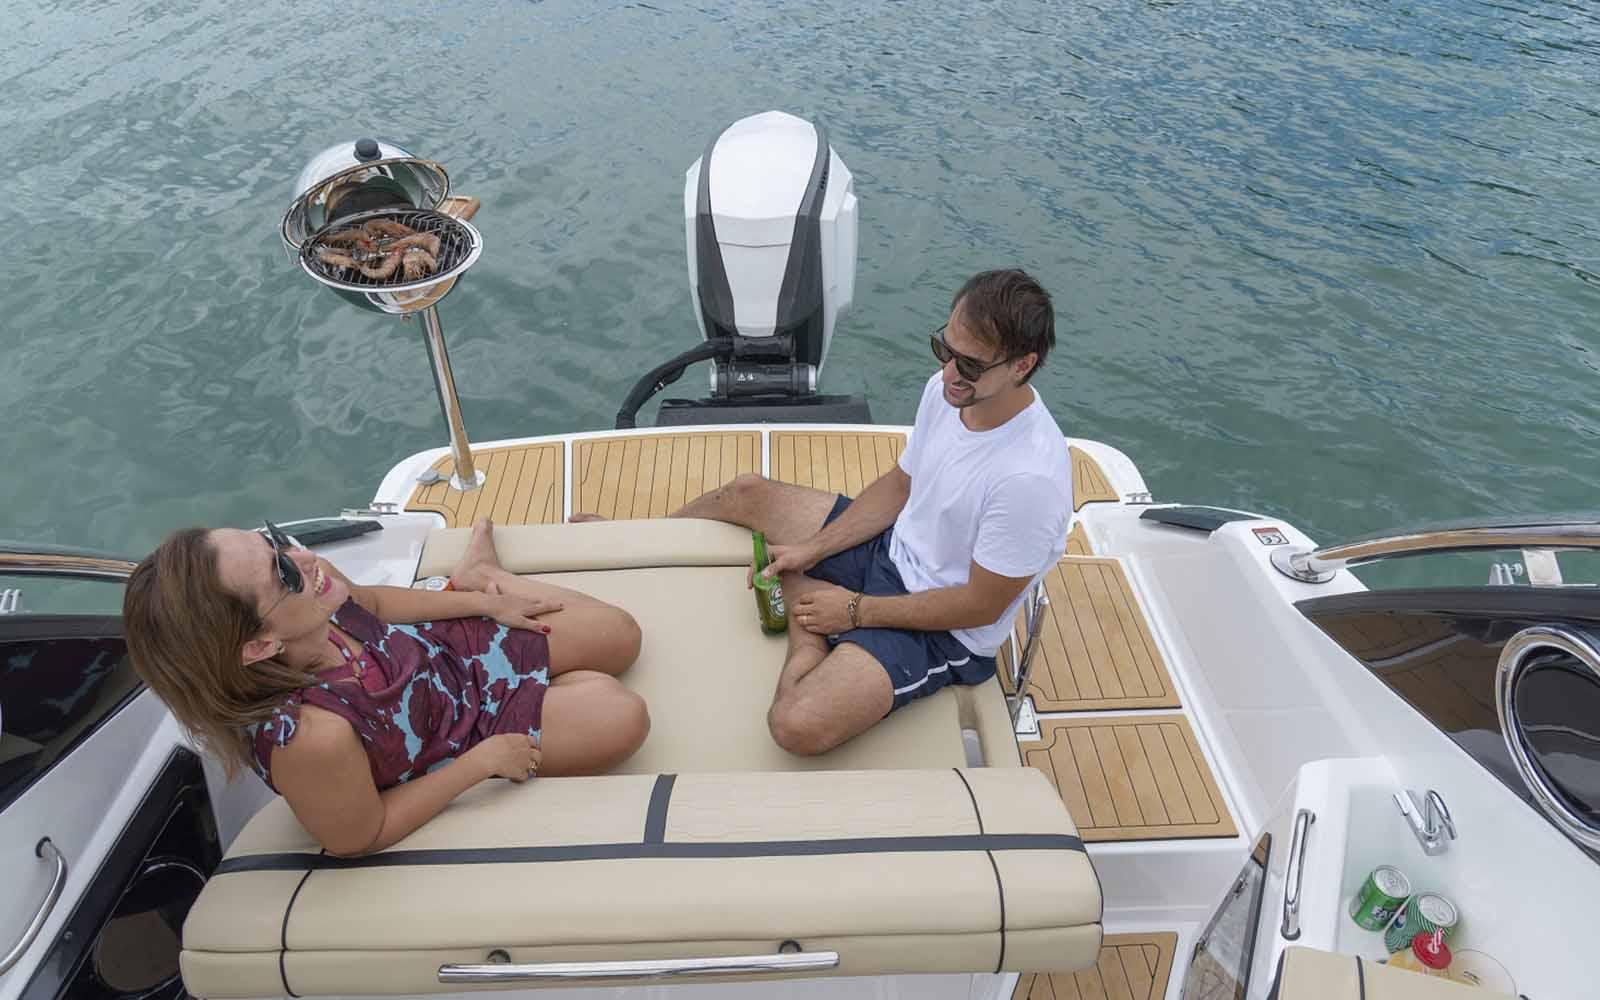 fibrafort focker outboard motor de popa - boat shopping 4